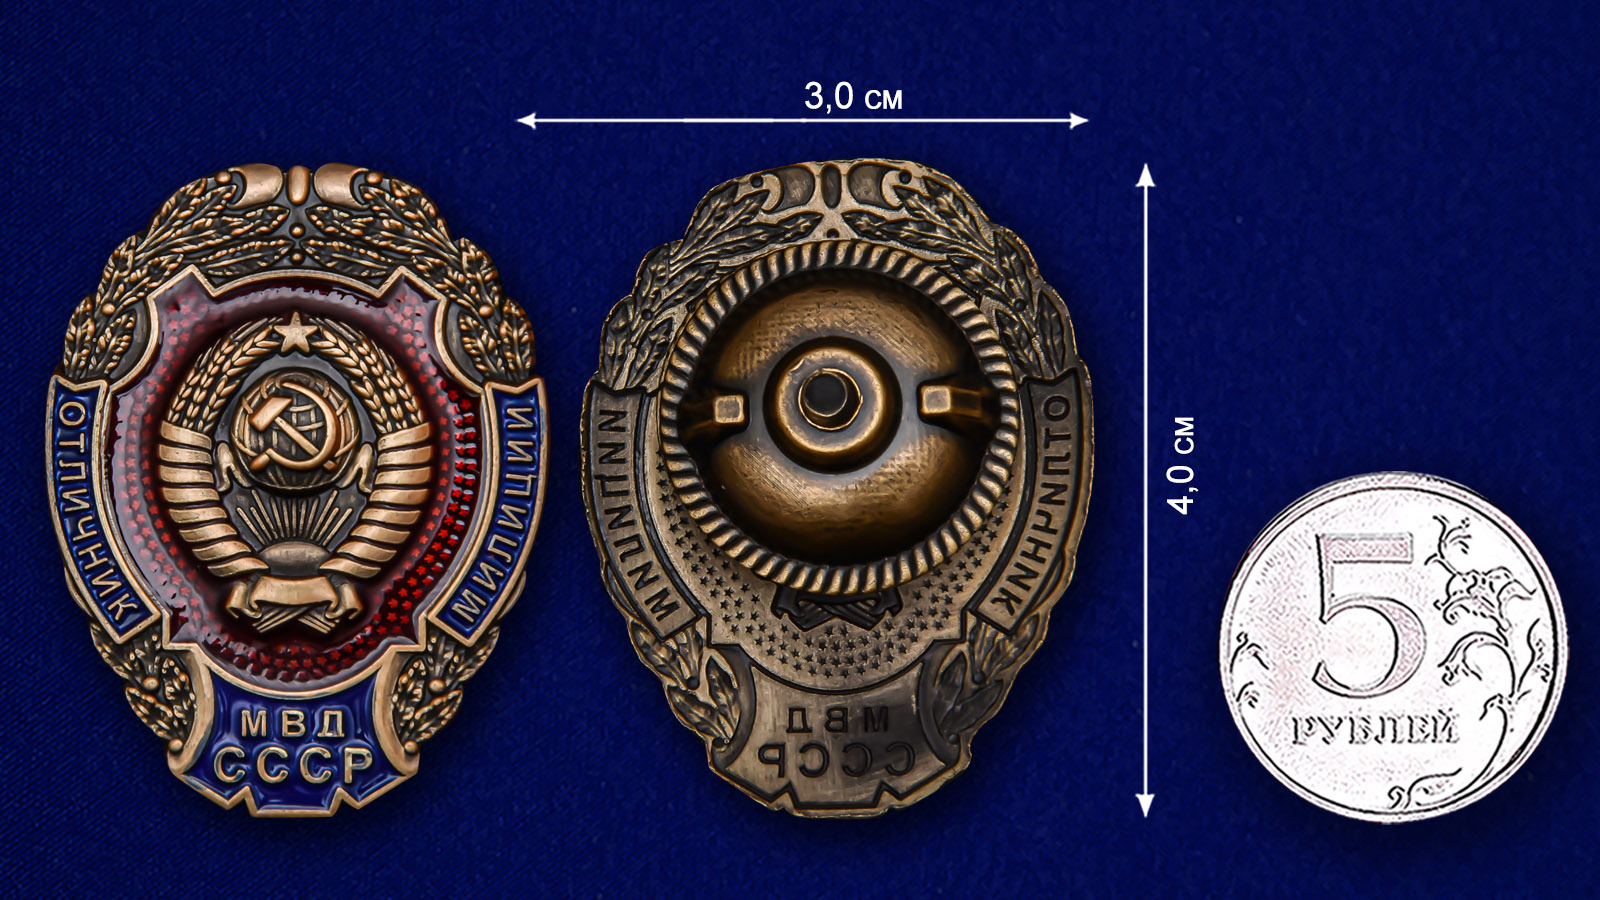 Знак Отличник милиции МВД СССР - размер